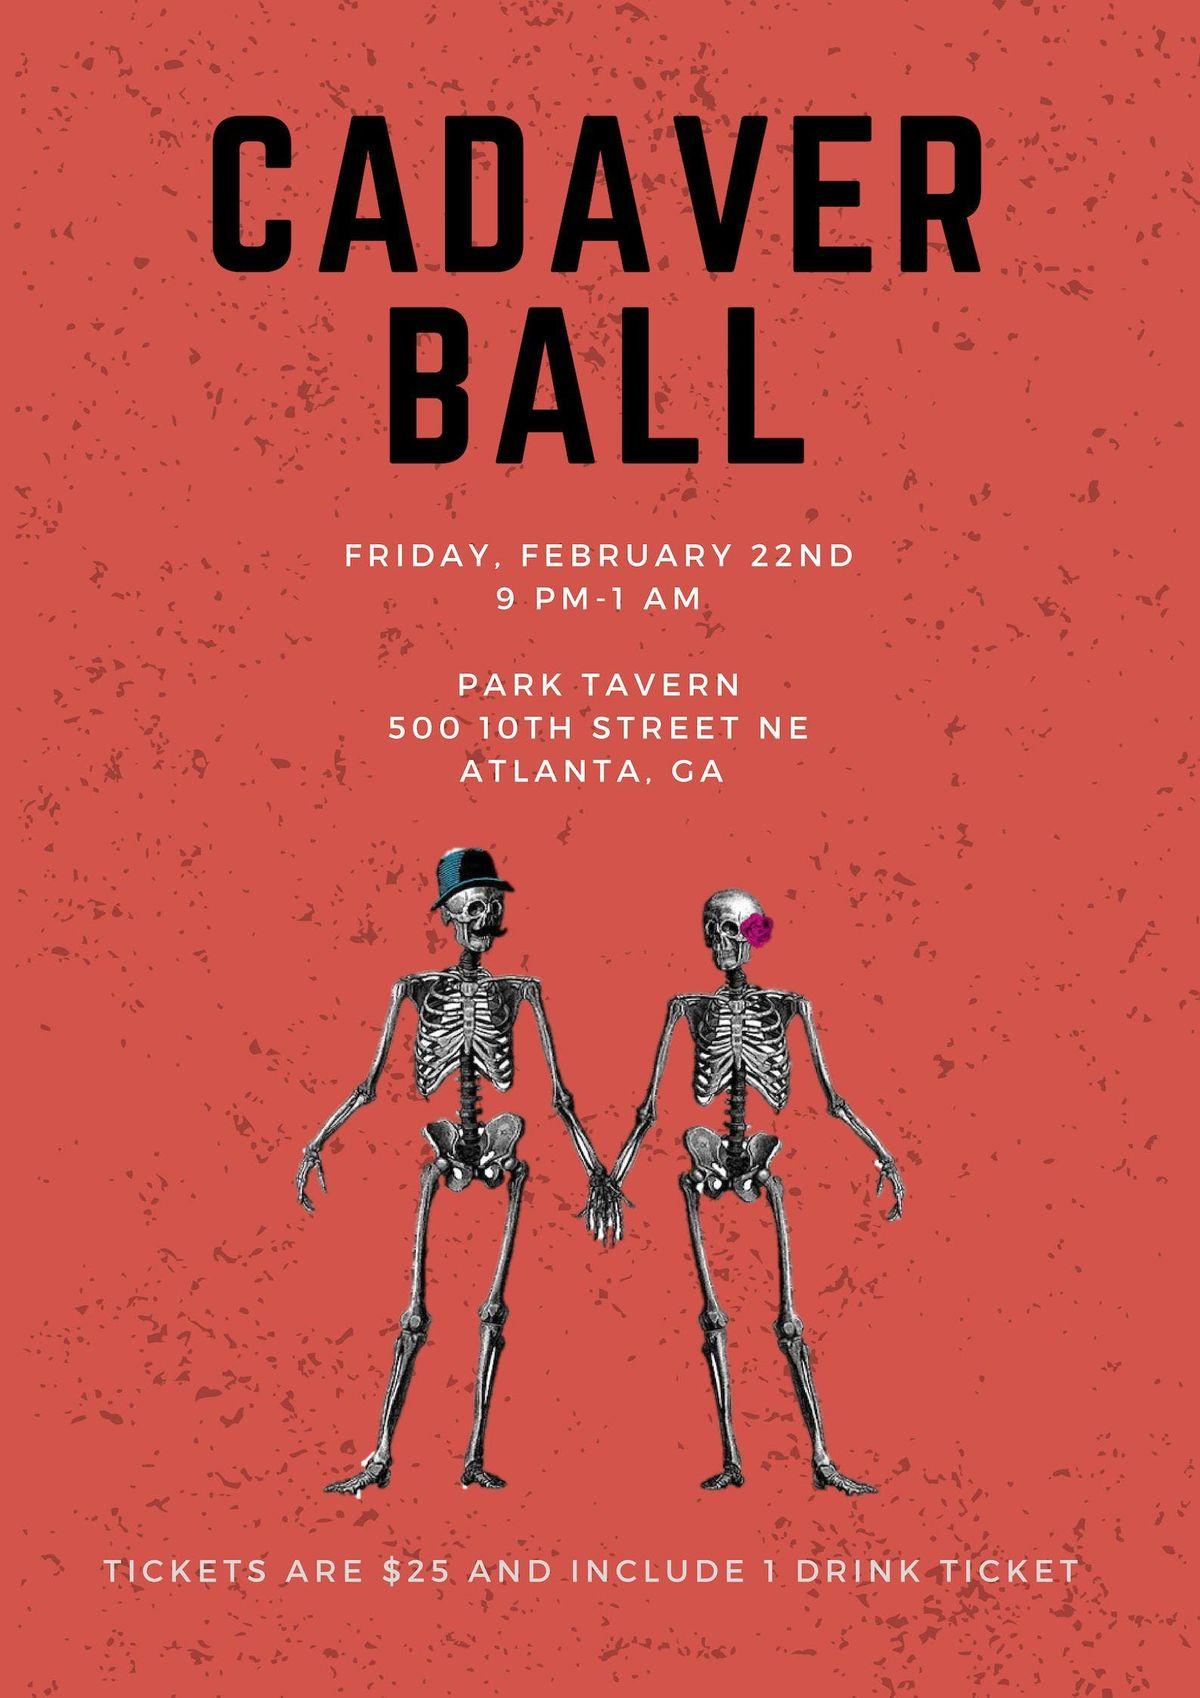 Cadaver Ball 2019